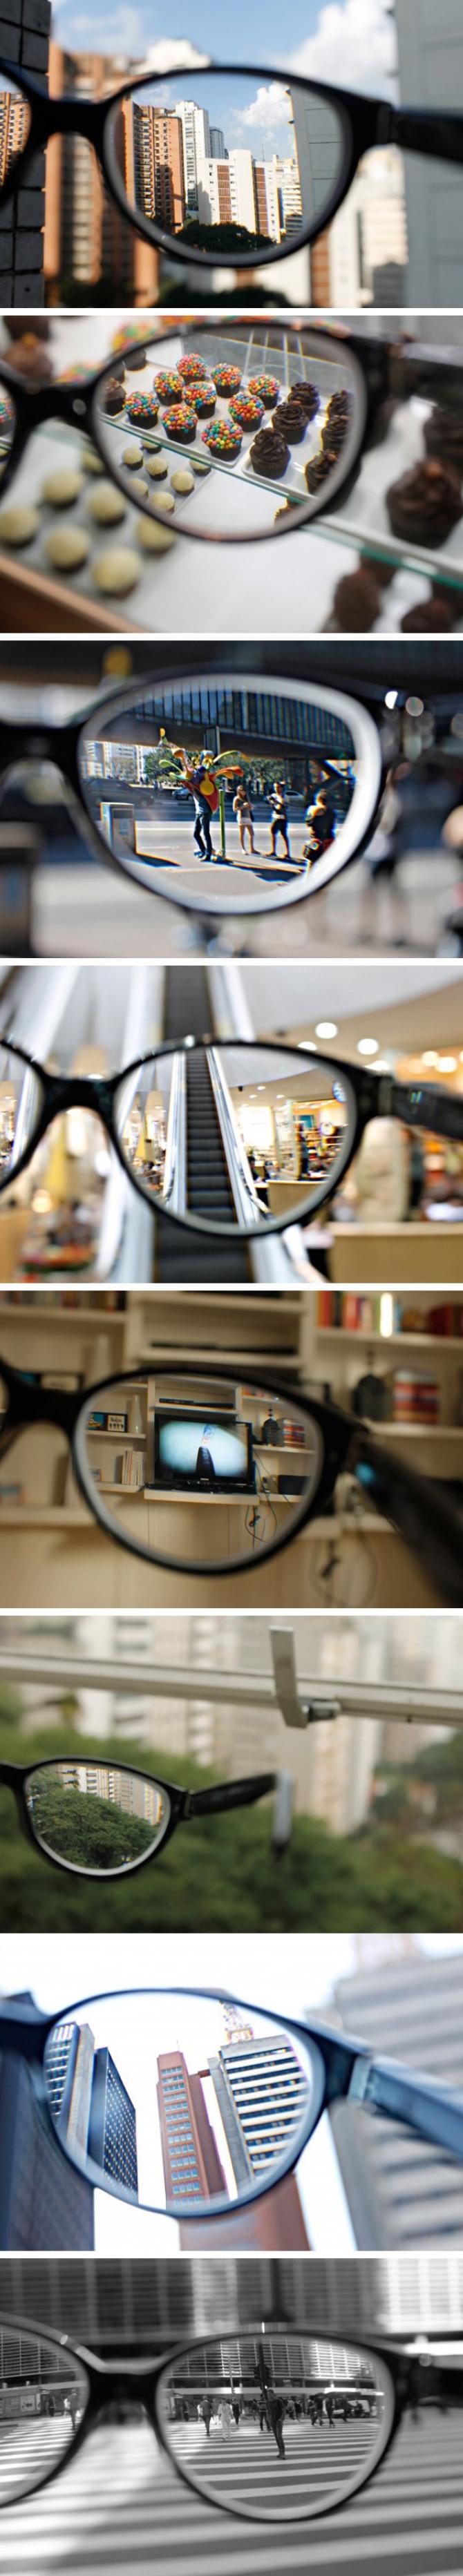 8 imagenes tomadas por Layana Leandro que muestran como se ve el mundo con y sin gafas teniendo miopía